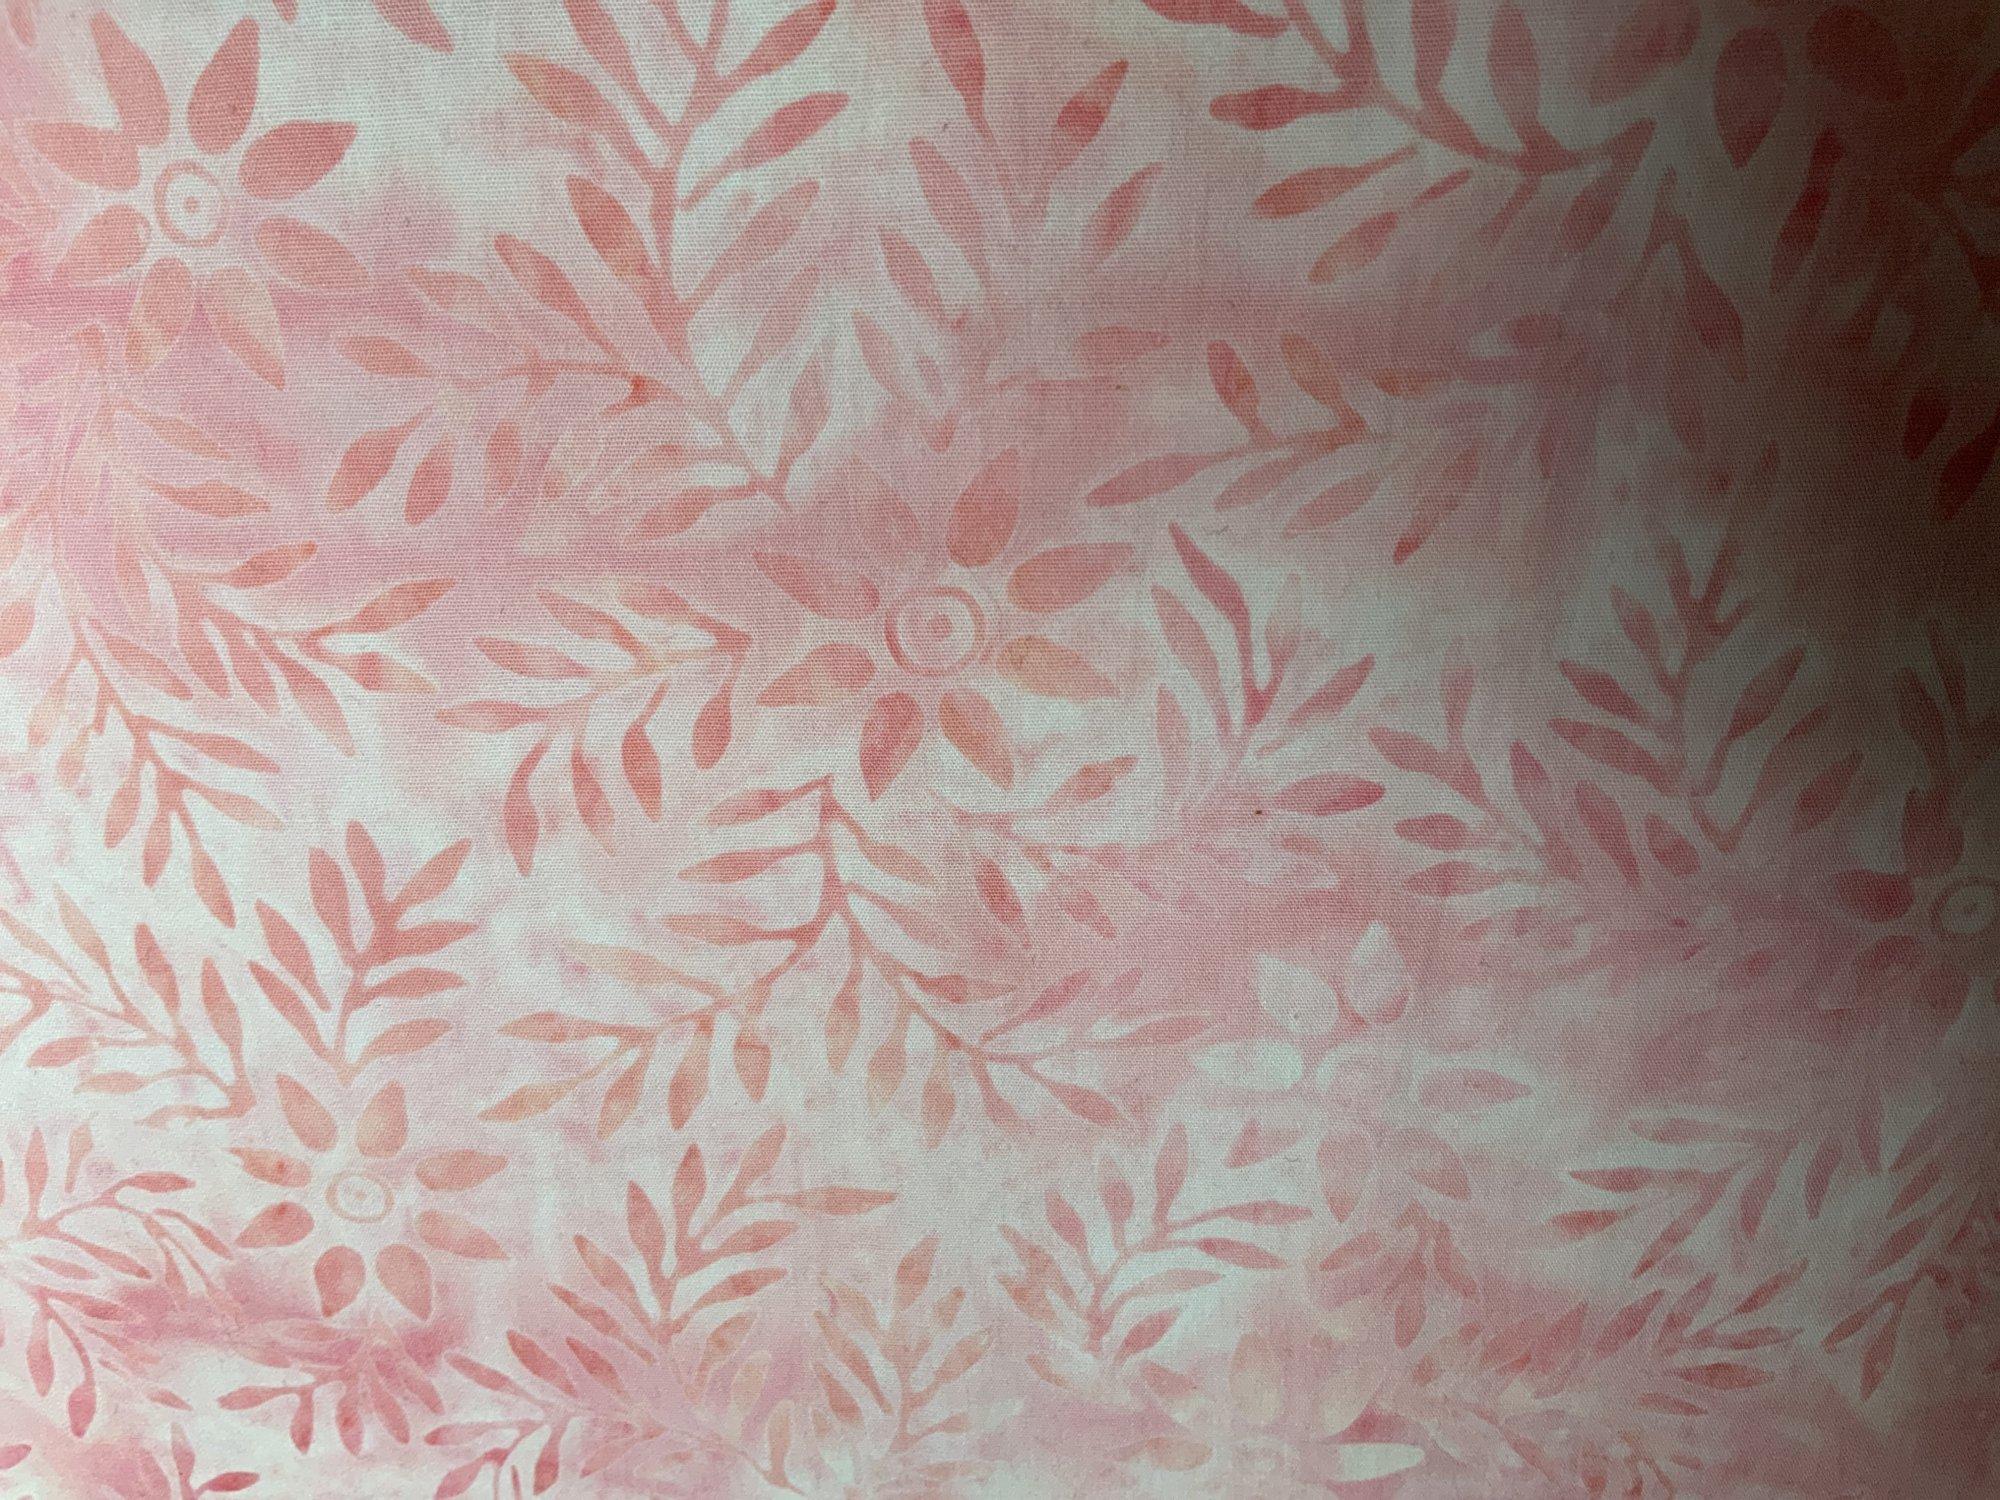 Pink Leafy Batik